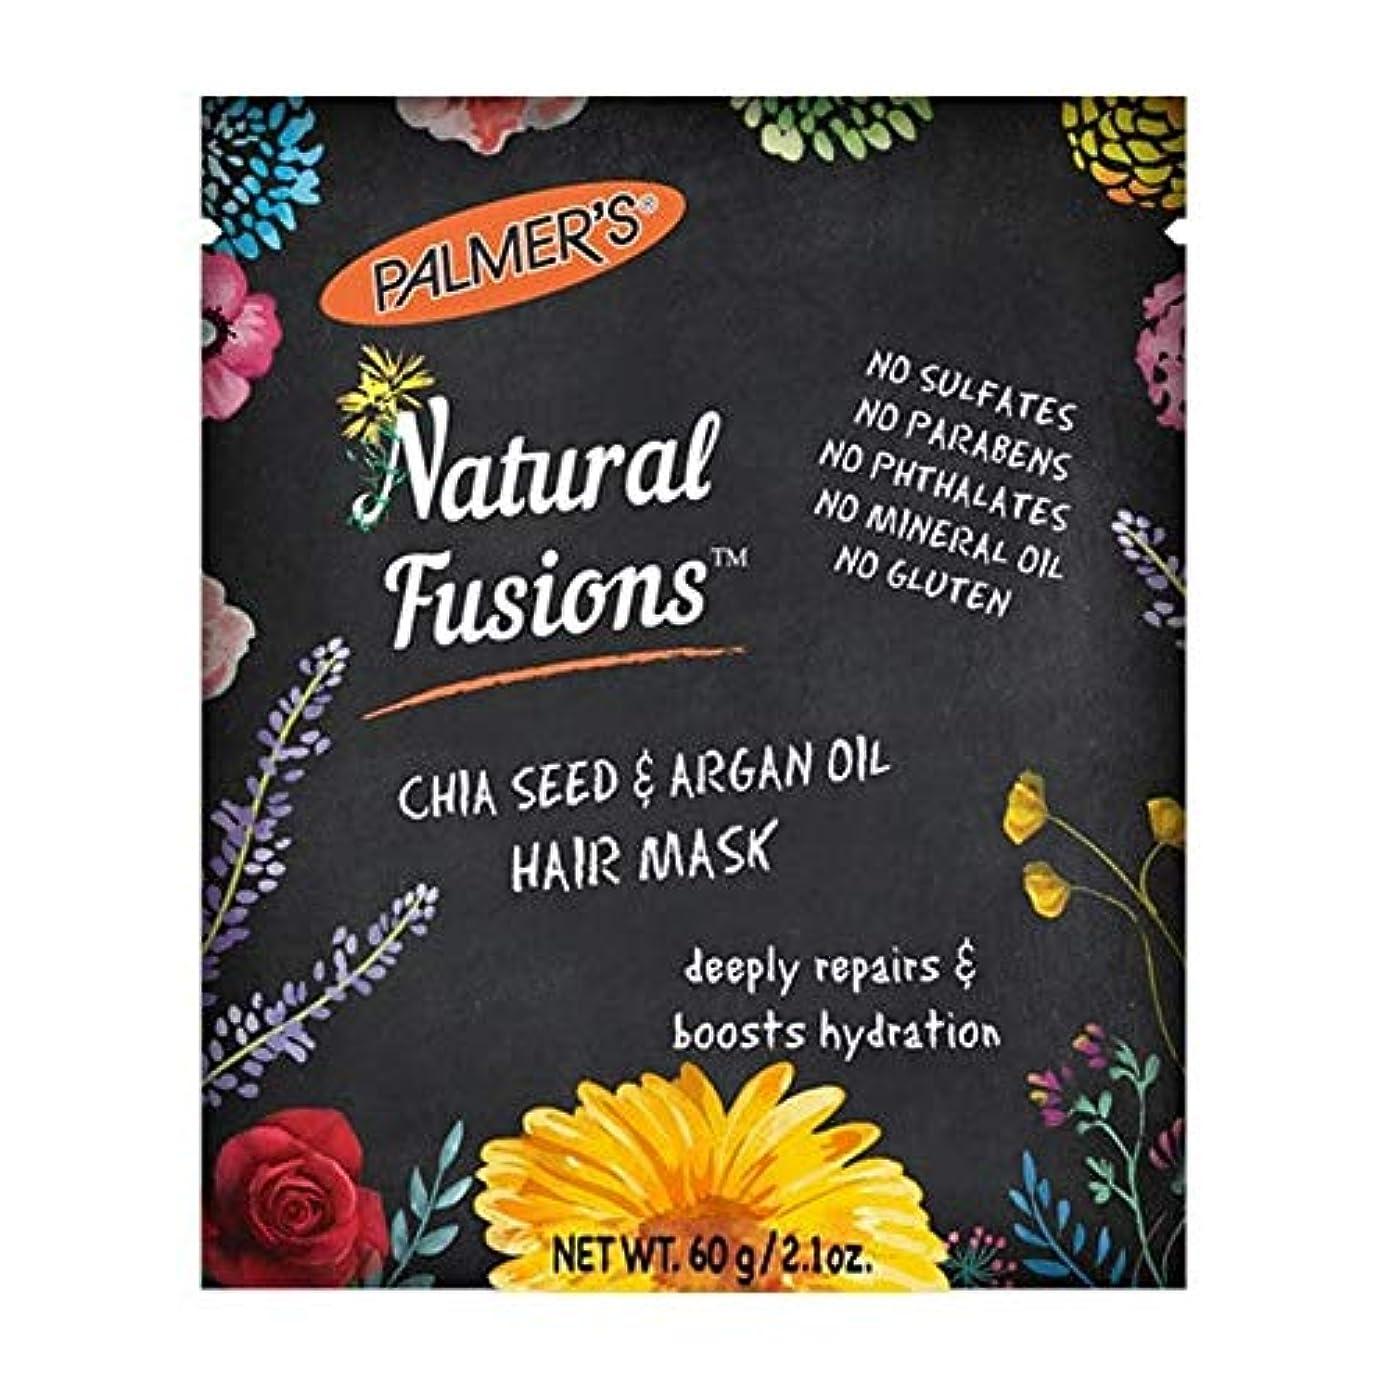 レコーダー花嫁無礼に[Palmer's ] パーマーの自然な融合チアシード&アルガンオイルヘアマスク60グラム - Palmer's Natural Fusions Chia Seed & Argan Oil Hair Mask 60g [...